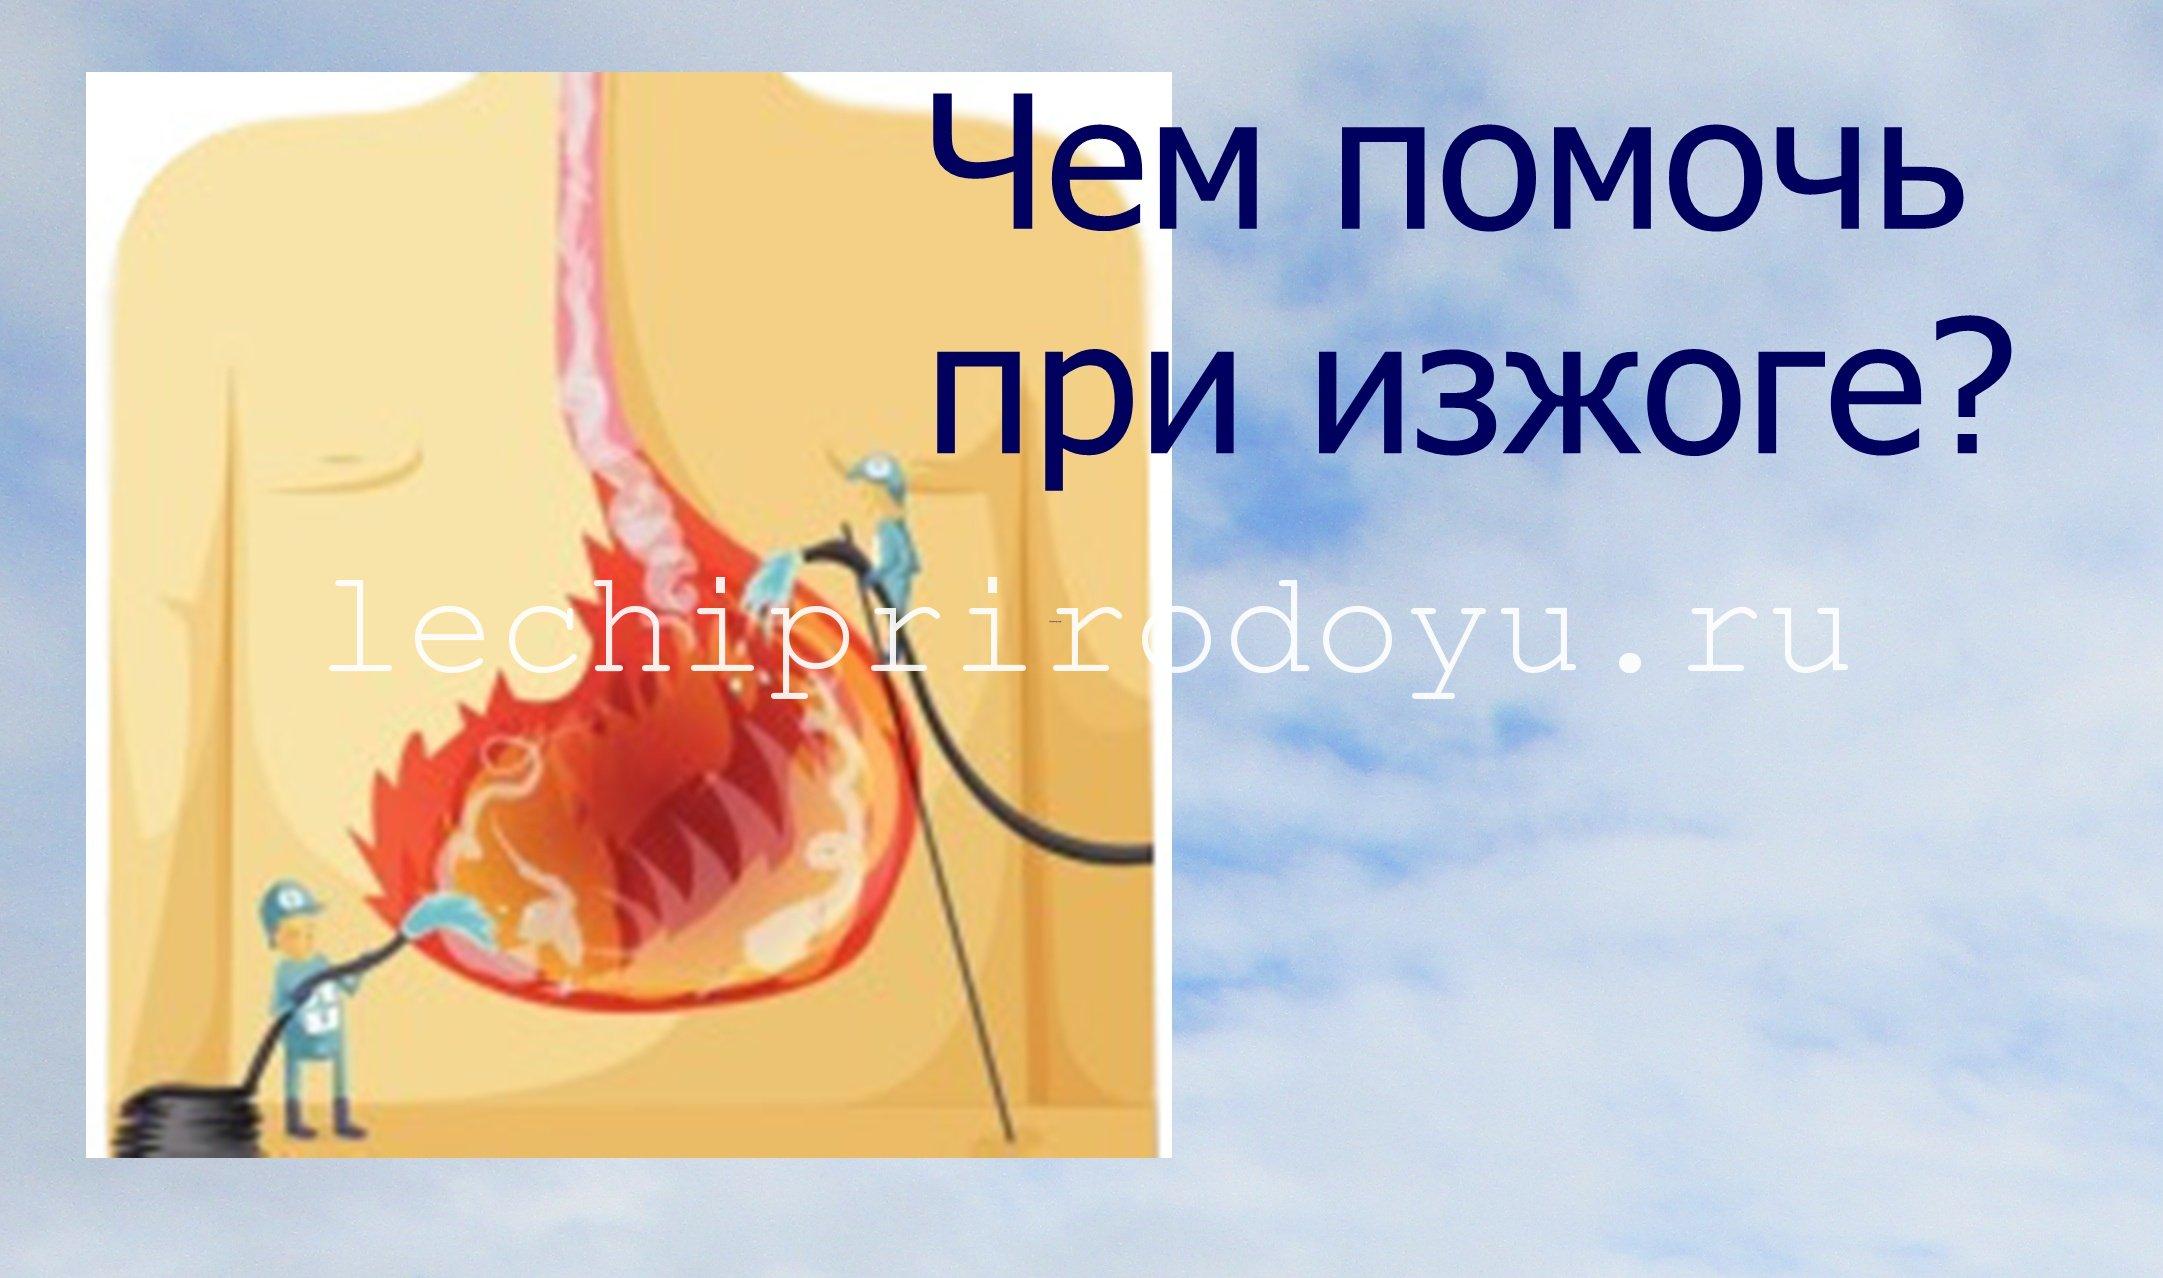 Изжоги.нет - информационный портал